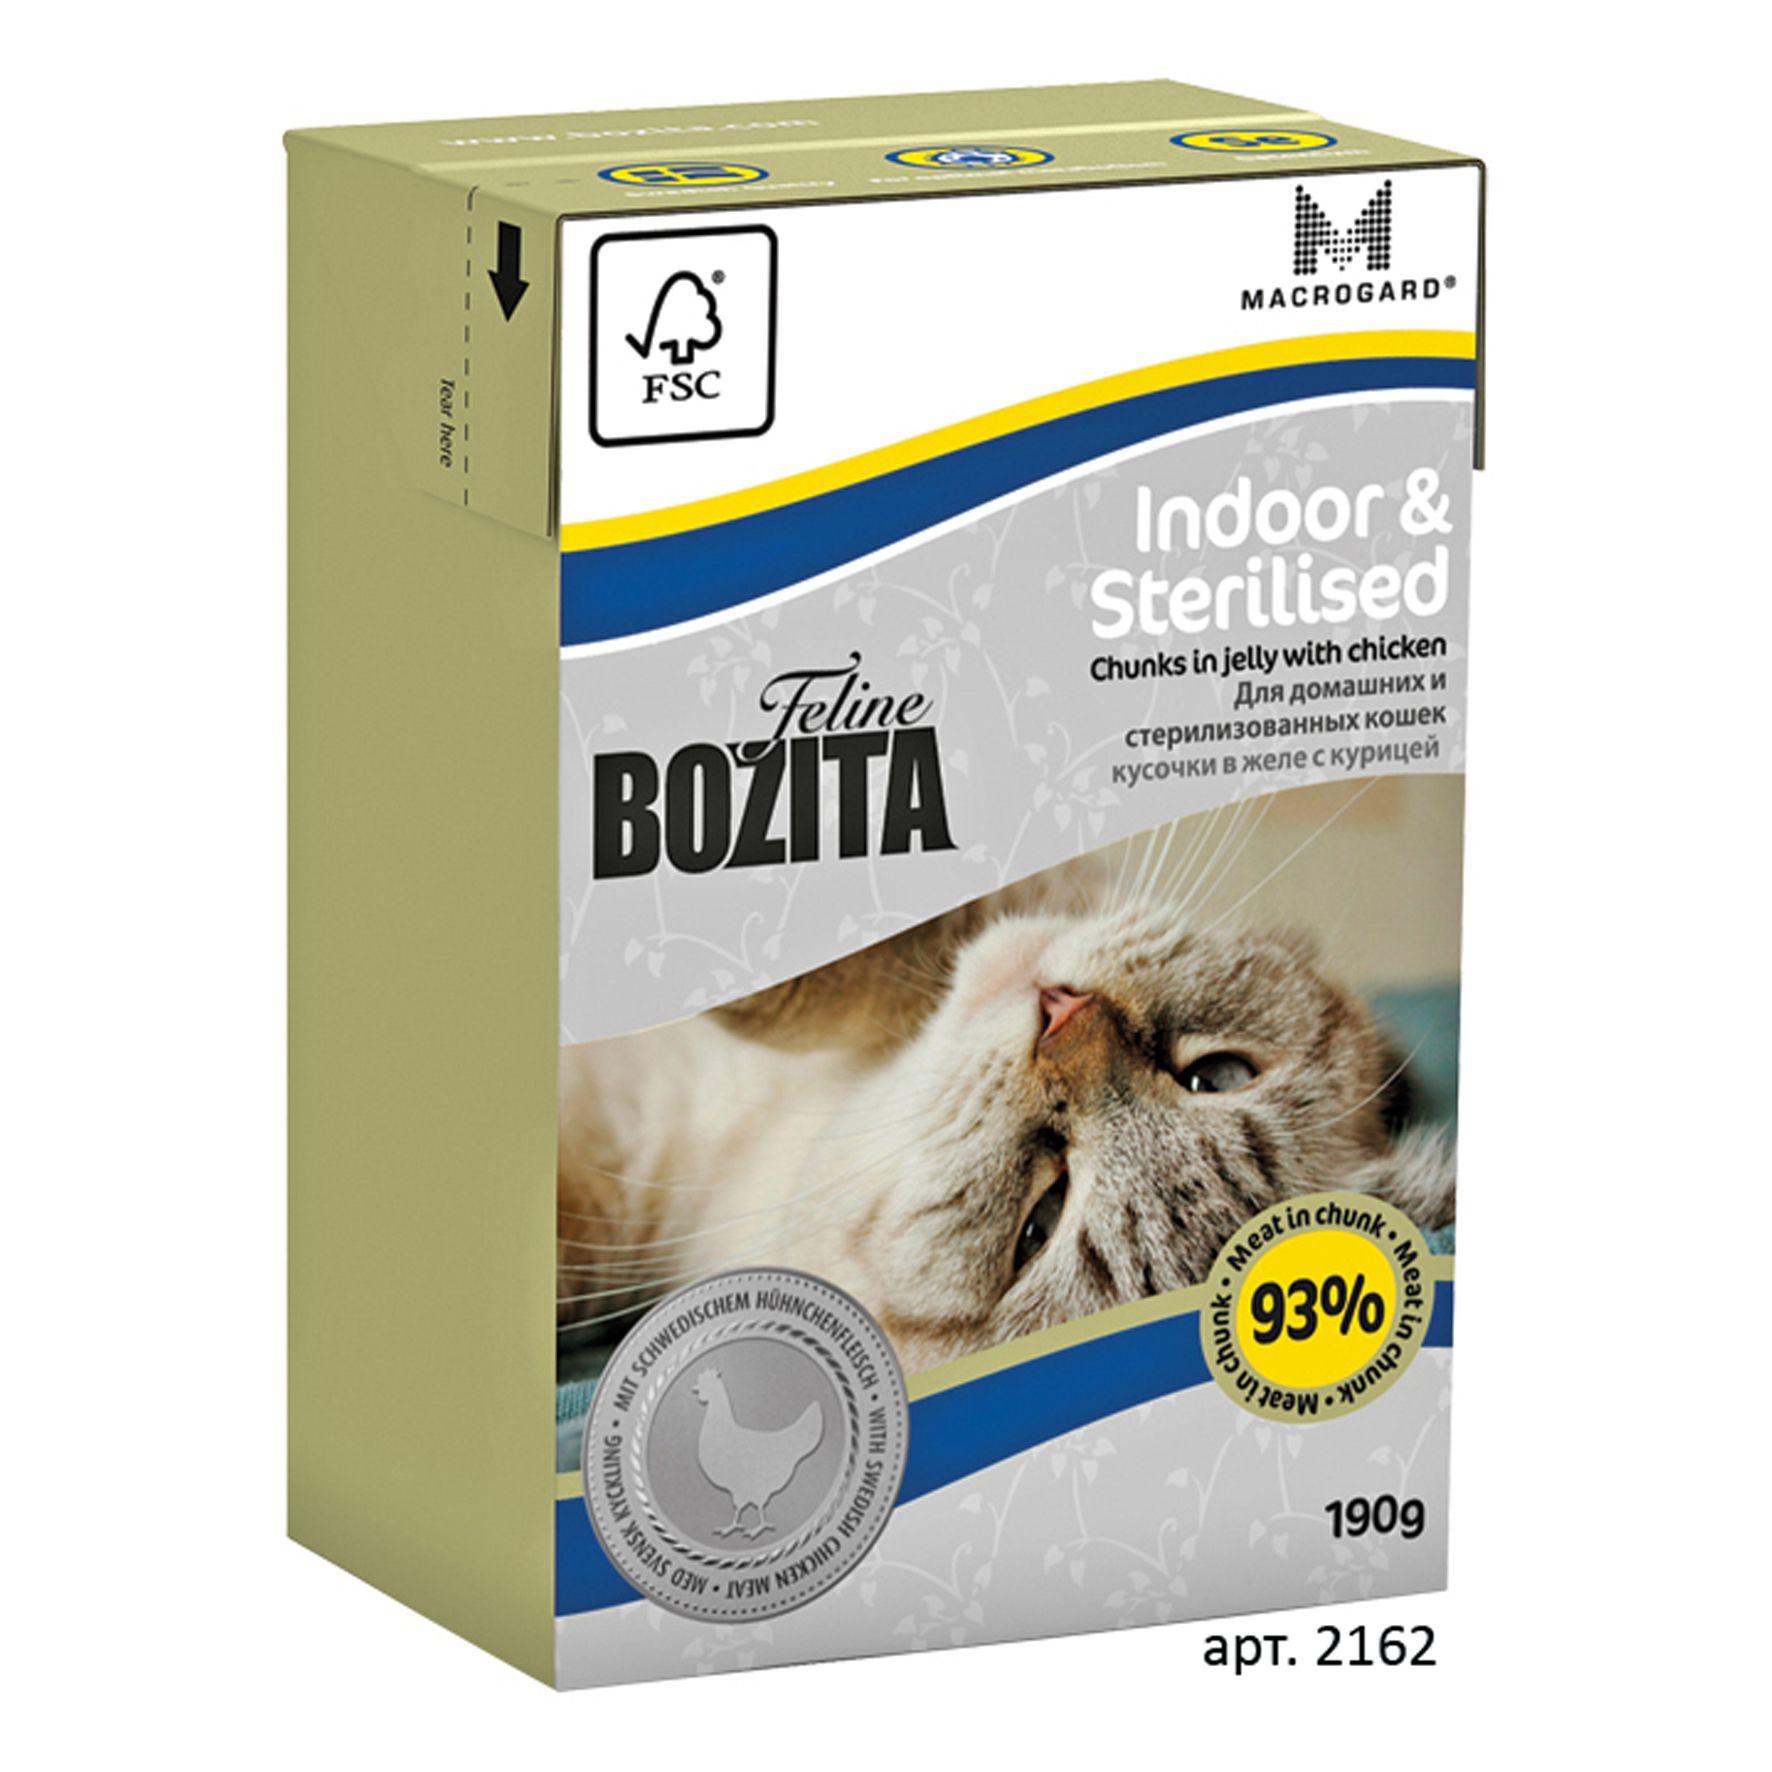 Консервы Bozita Indoor & Sterilised для домашних и стерилизованных кошек кусочки в желе с Курицей 190 г